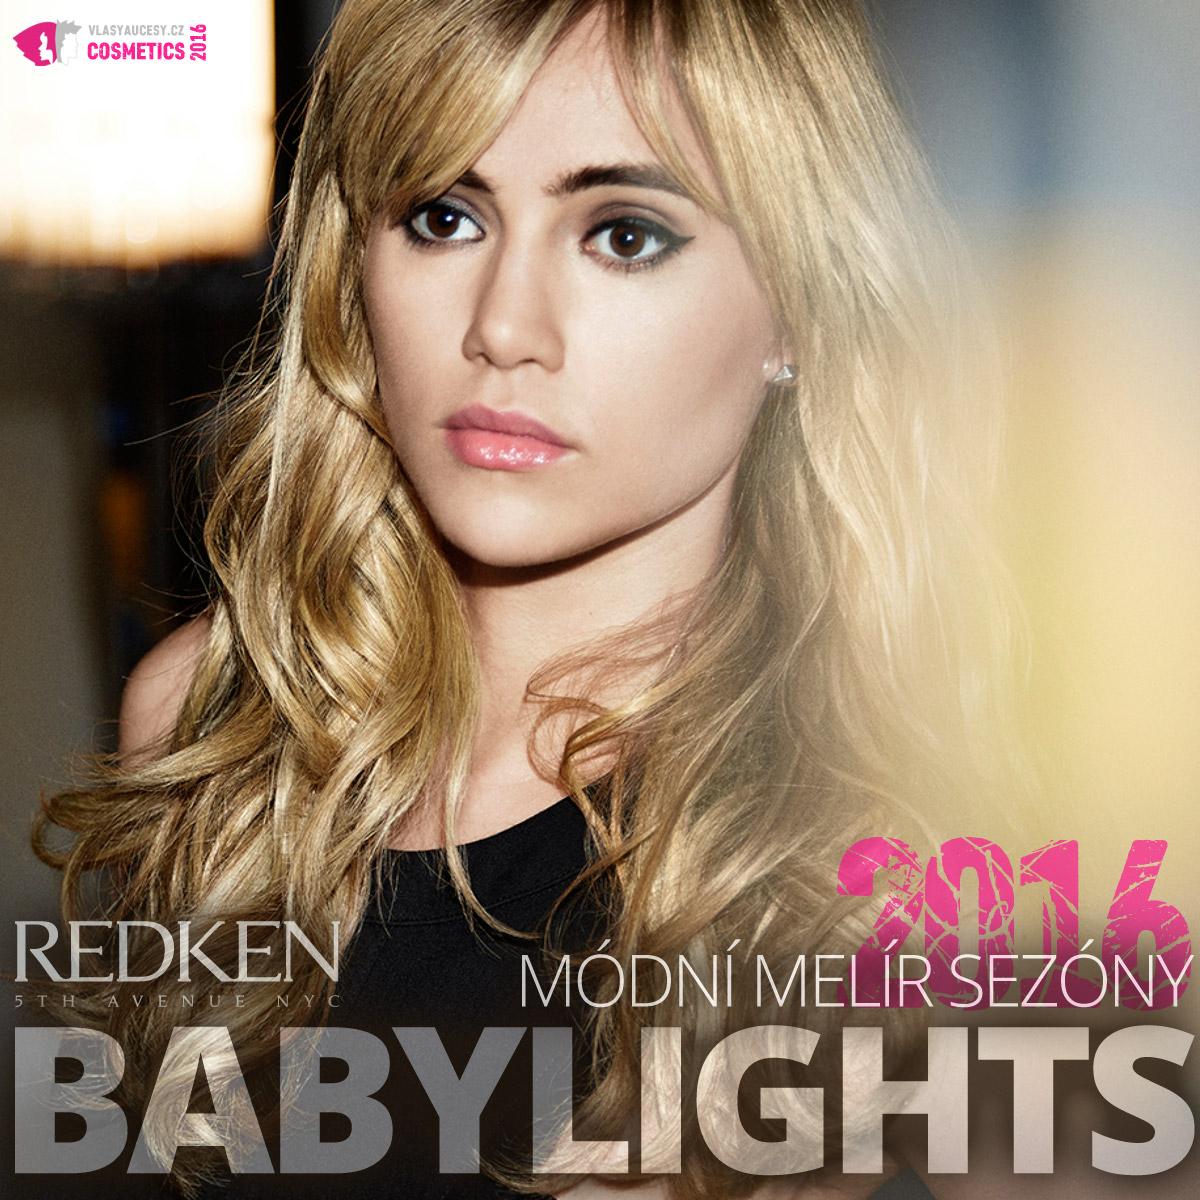 Babylights 2016 je módní melír sezóny. Zkuste jej podle Redken.